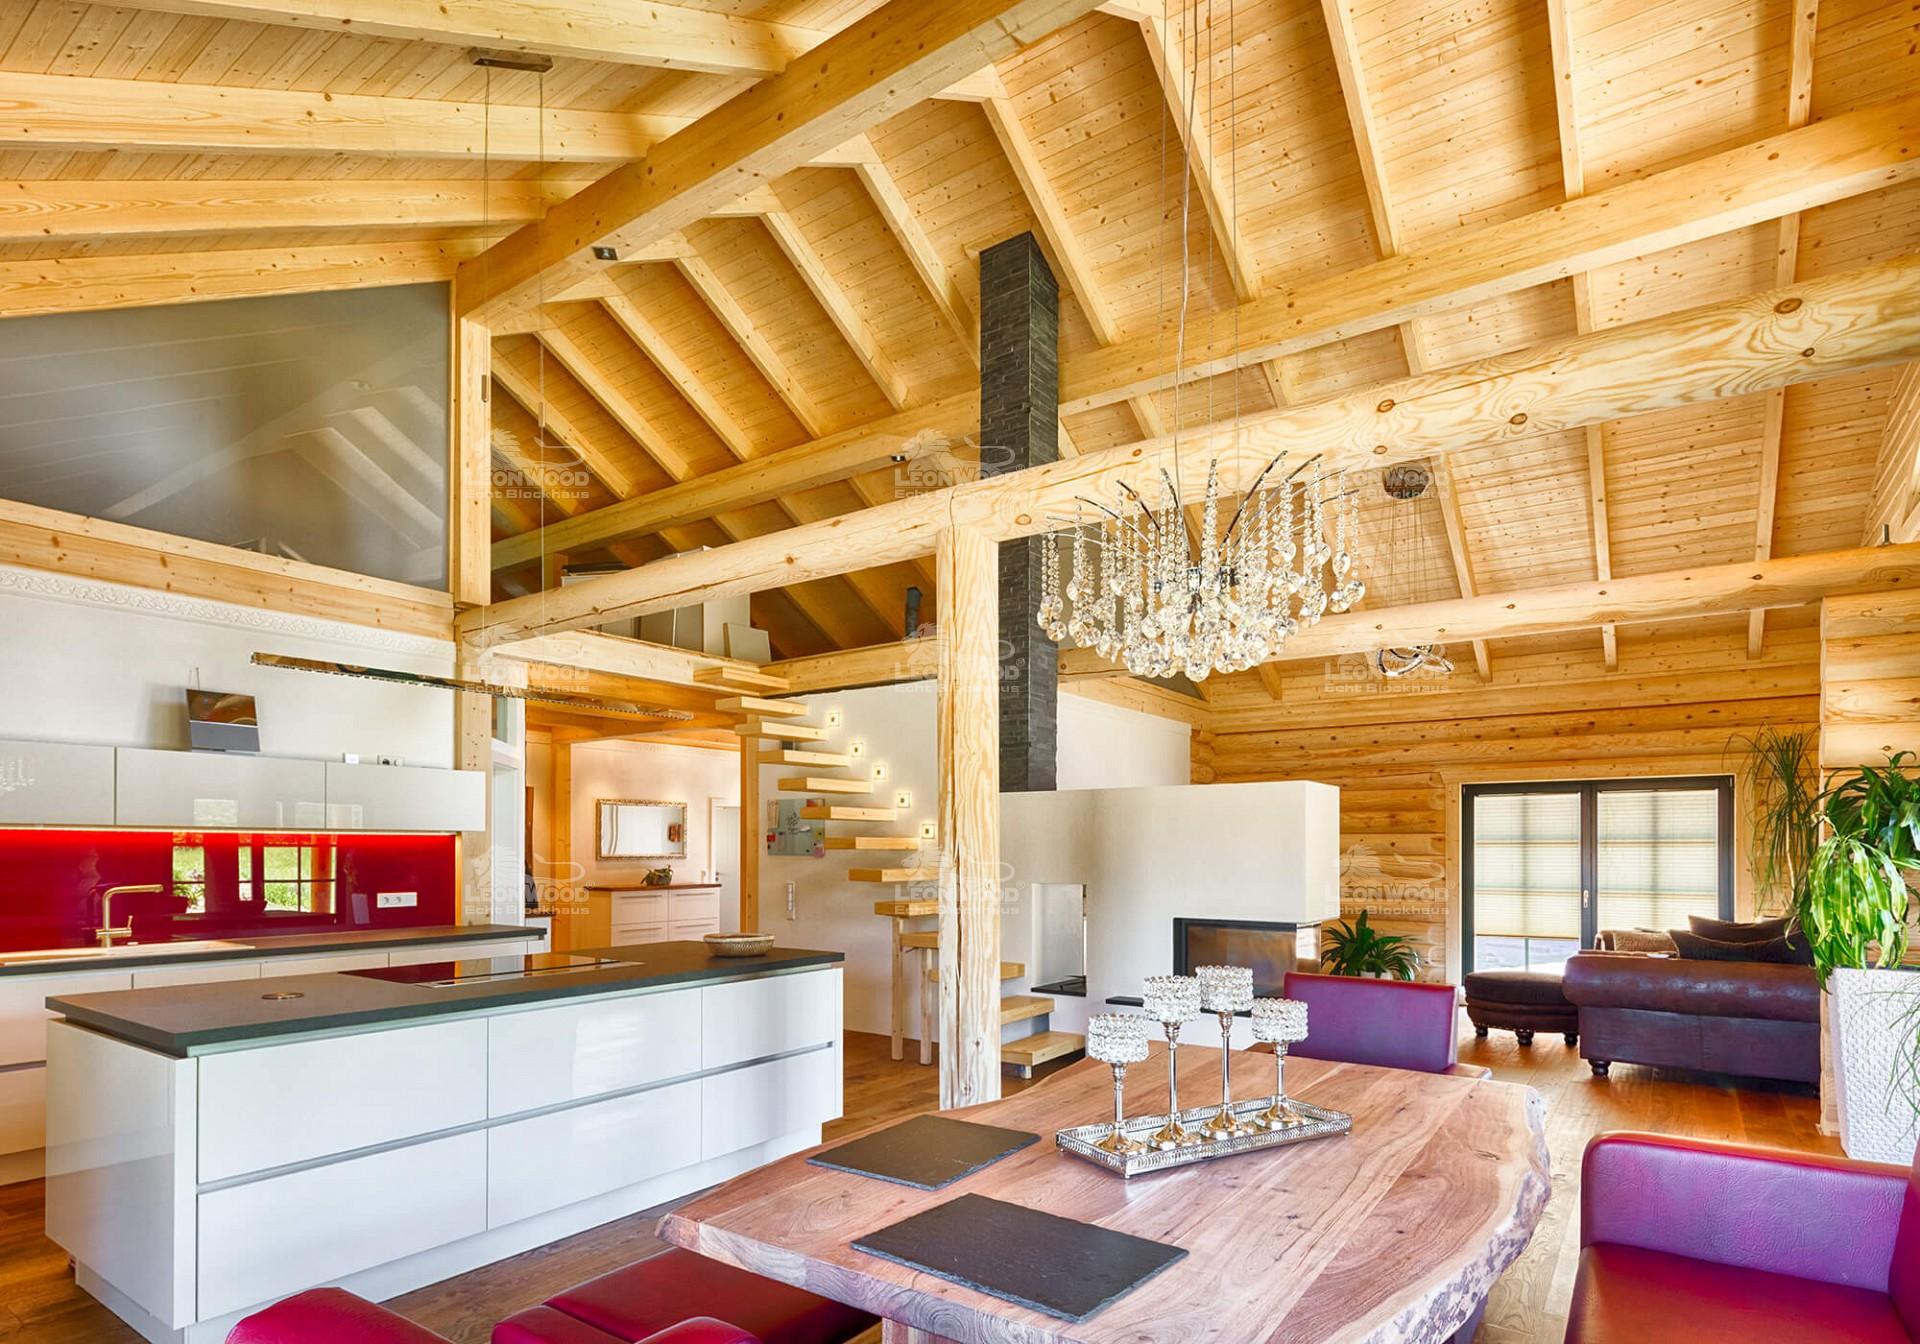 Großzügig Blockhaus Innenarchitektur Küche Fotos - Küche Set Ideen ...